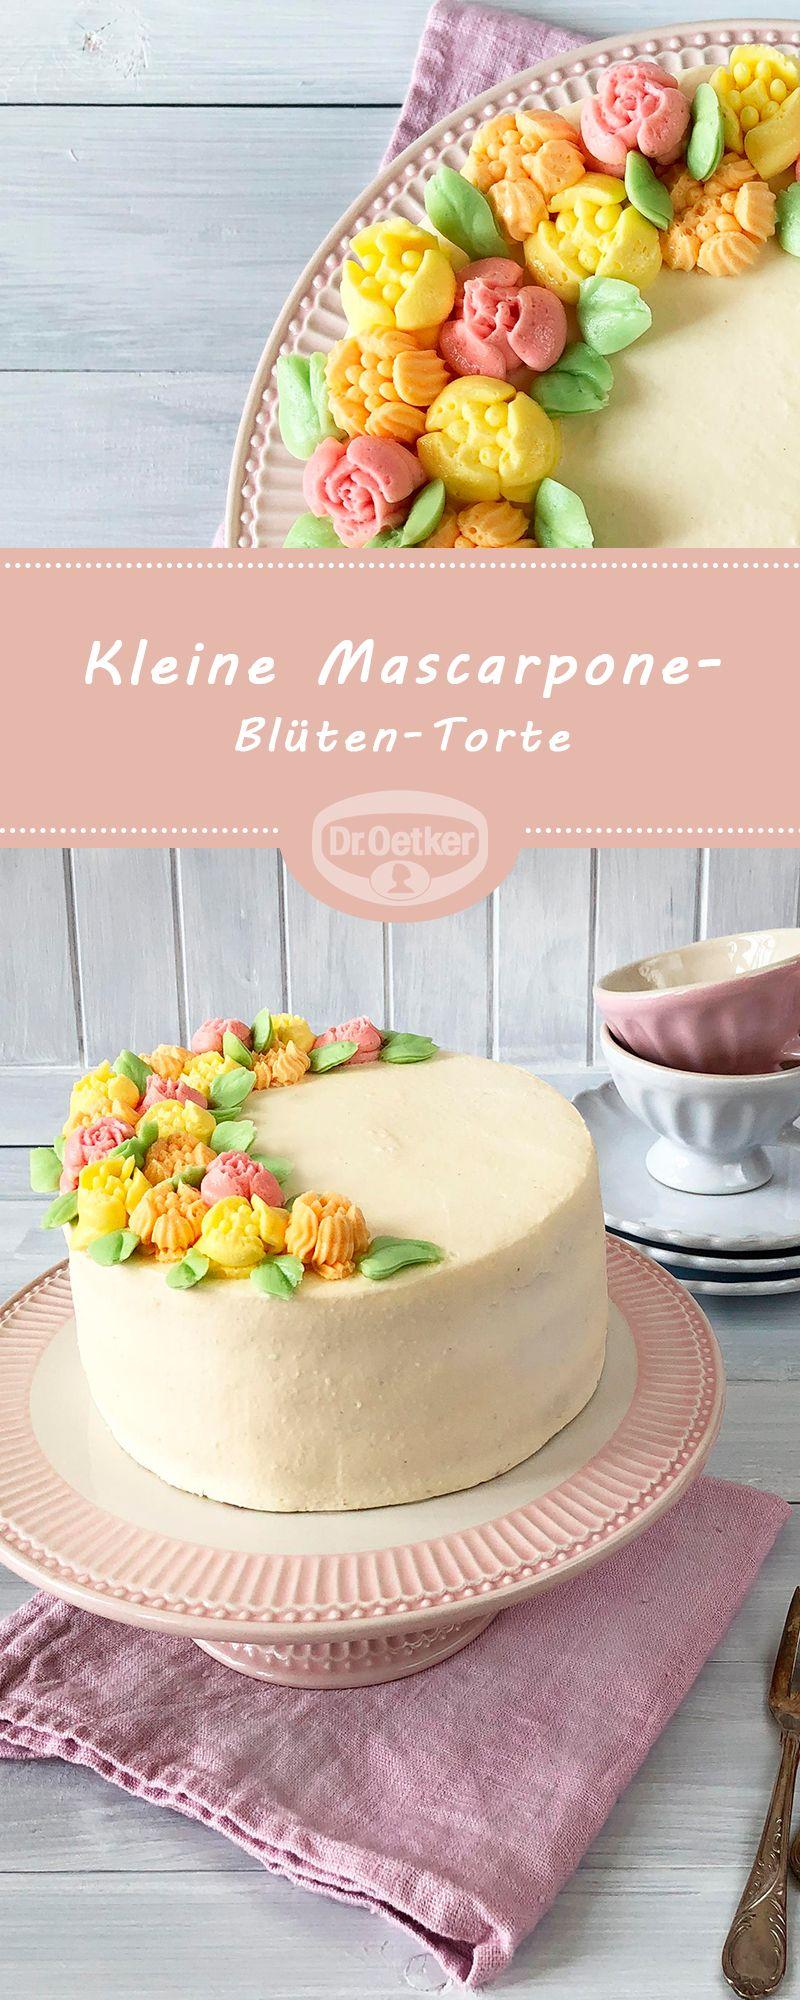 Kleine Mascarpone Bluten Torte Rezept Torten Rezepte Leckere Torten Kuchen Und Torten